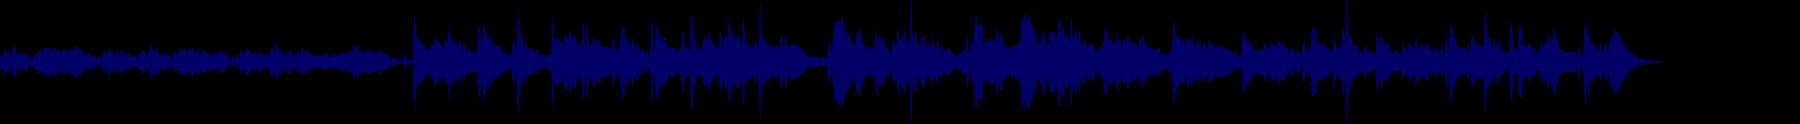 waveform of track #70080